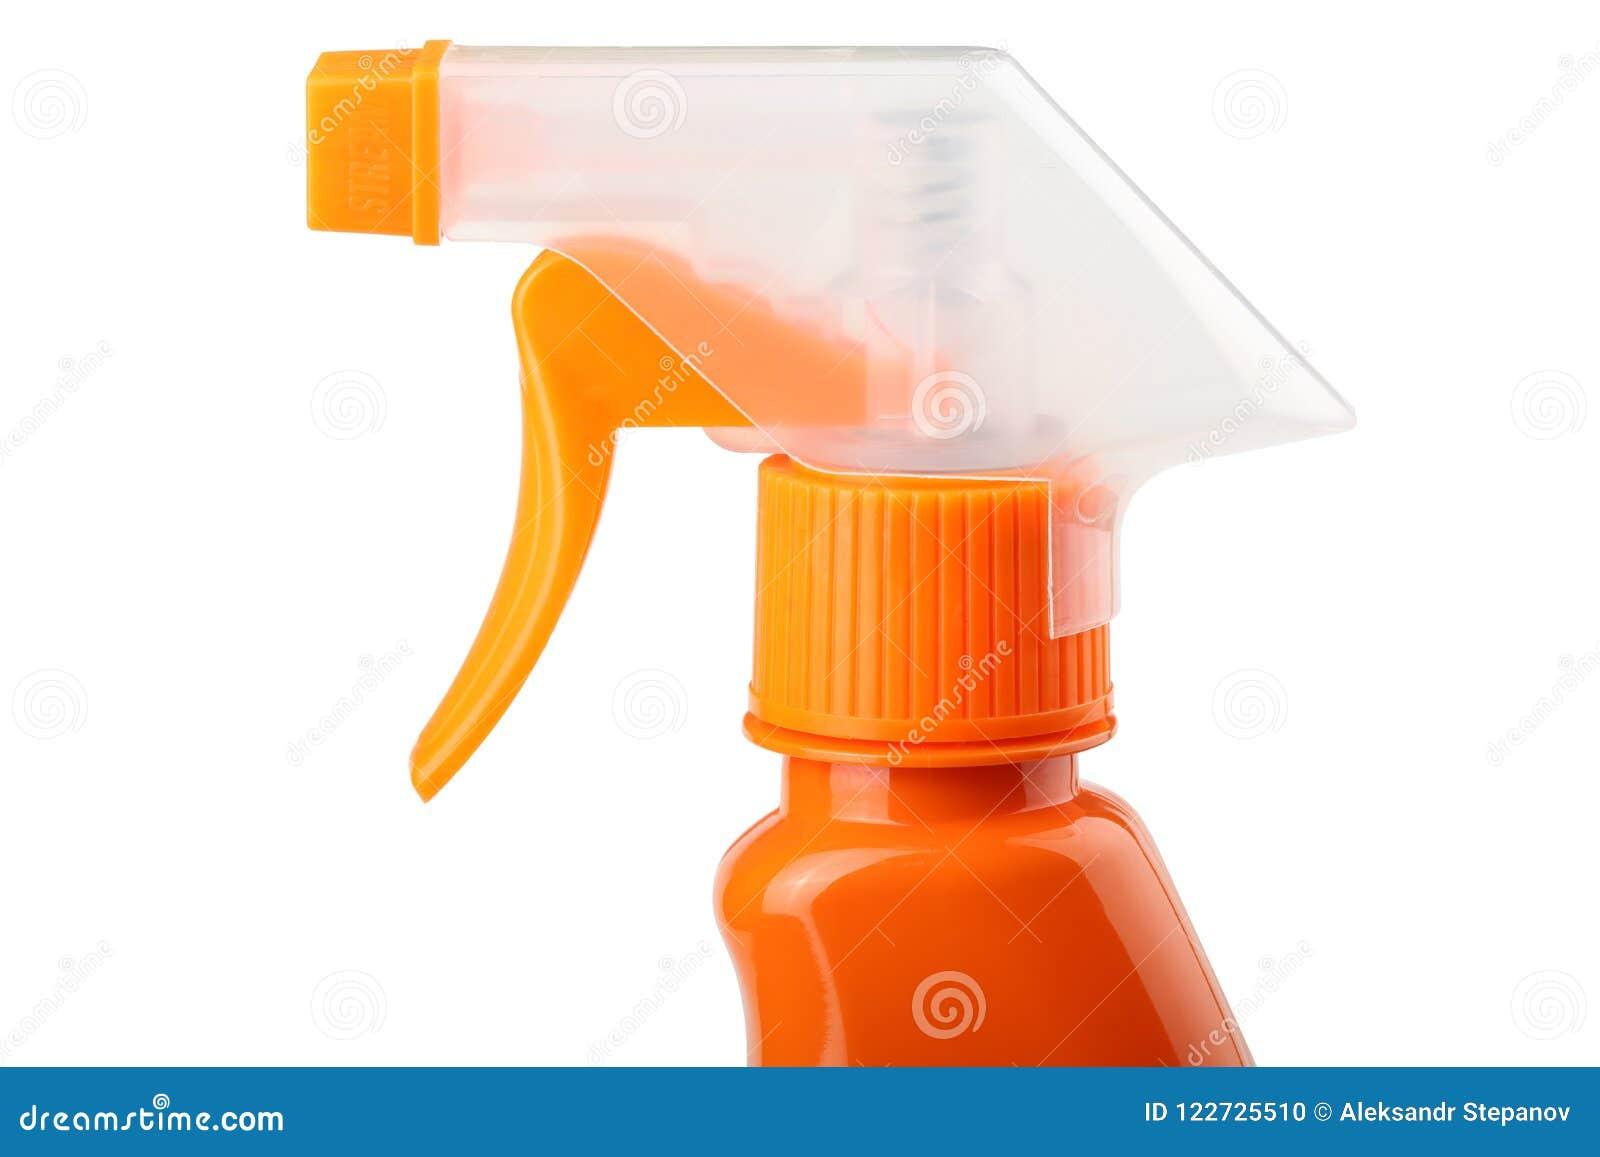 在白色背景有触发器的橙色塑料喷雾器隔绝的